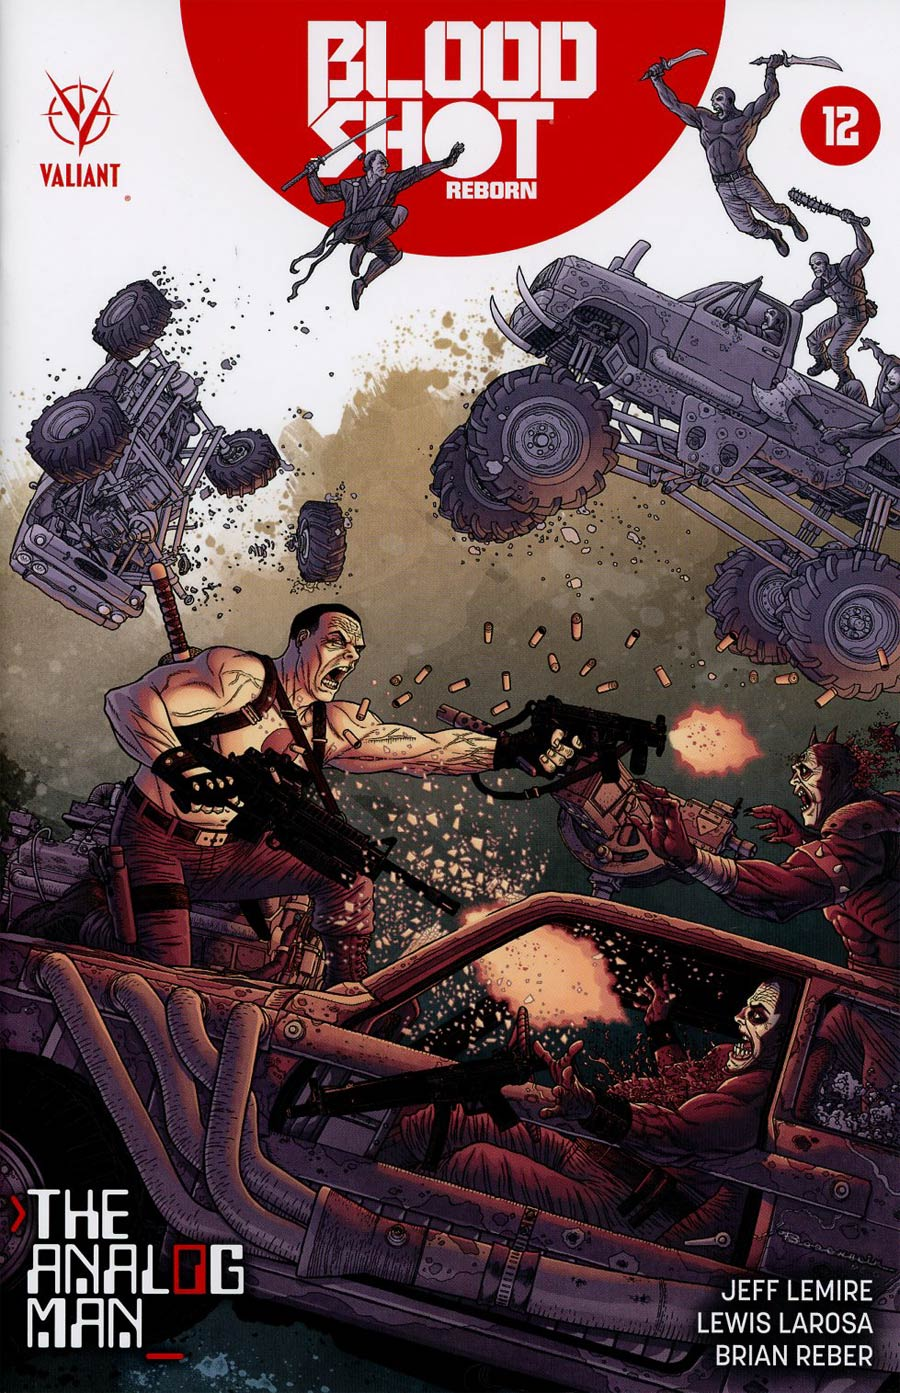 Bloodshot Reborn 12 - The Analog Man Part 3